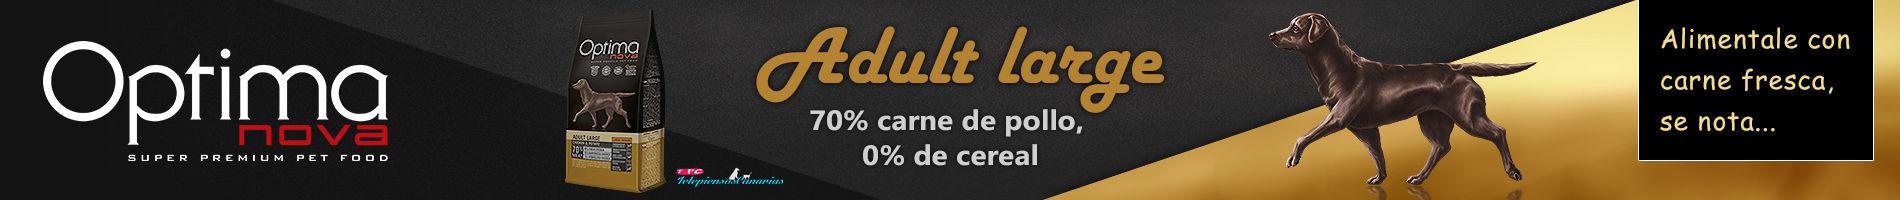 Optima nova adult large chicken and potato, con 70% de pollo y 15% de papa